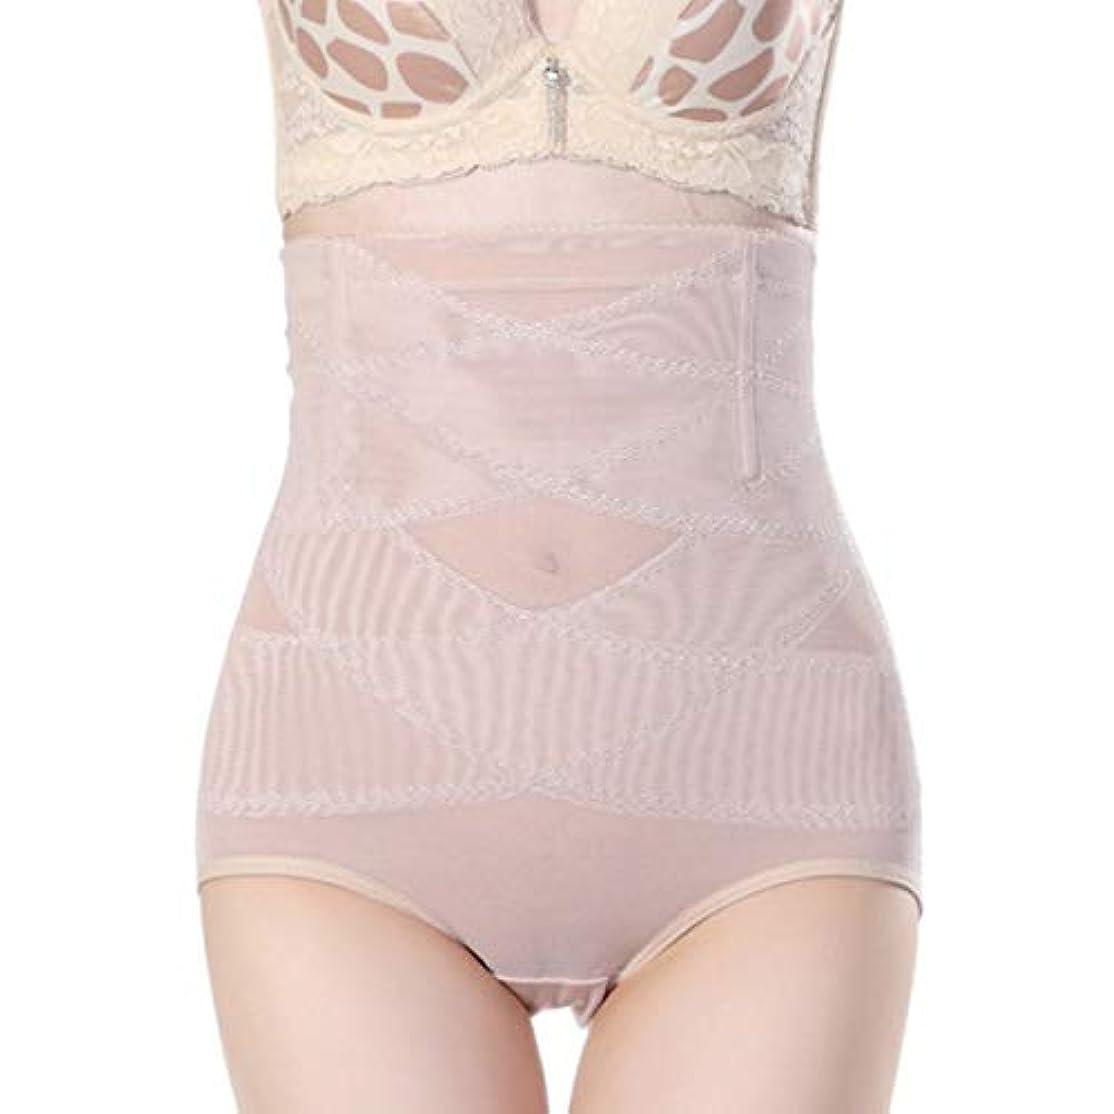 カスケード作家リングレット腹部制御下着シームレスおなかコントロールパンティーバットリフターボディシェイパーを痩身通気性のハイウエストの女性 - 肌色3 XL